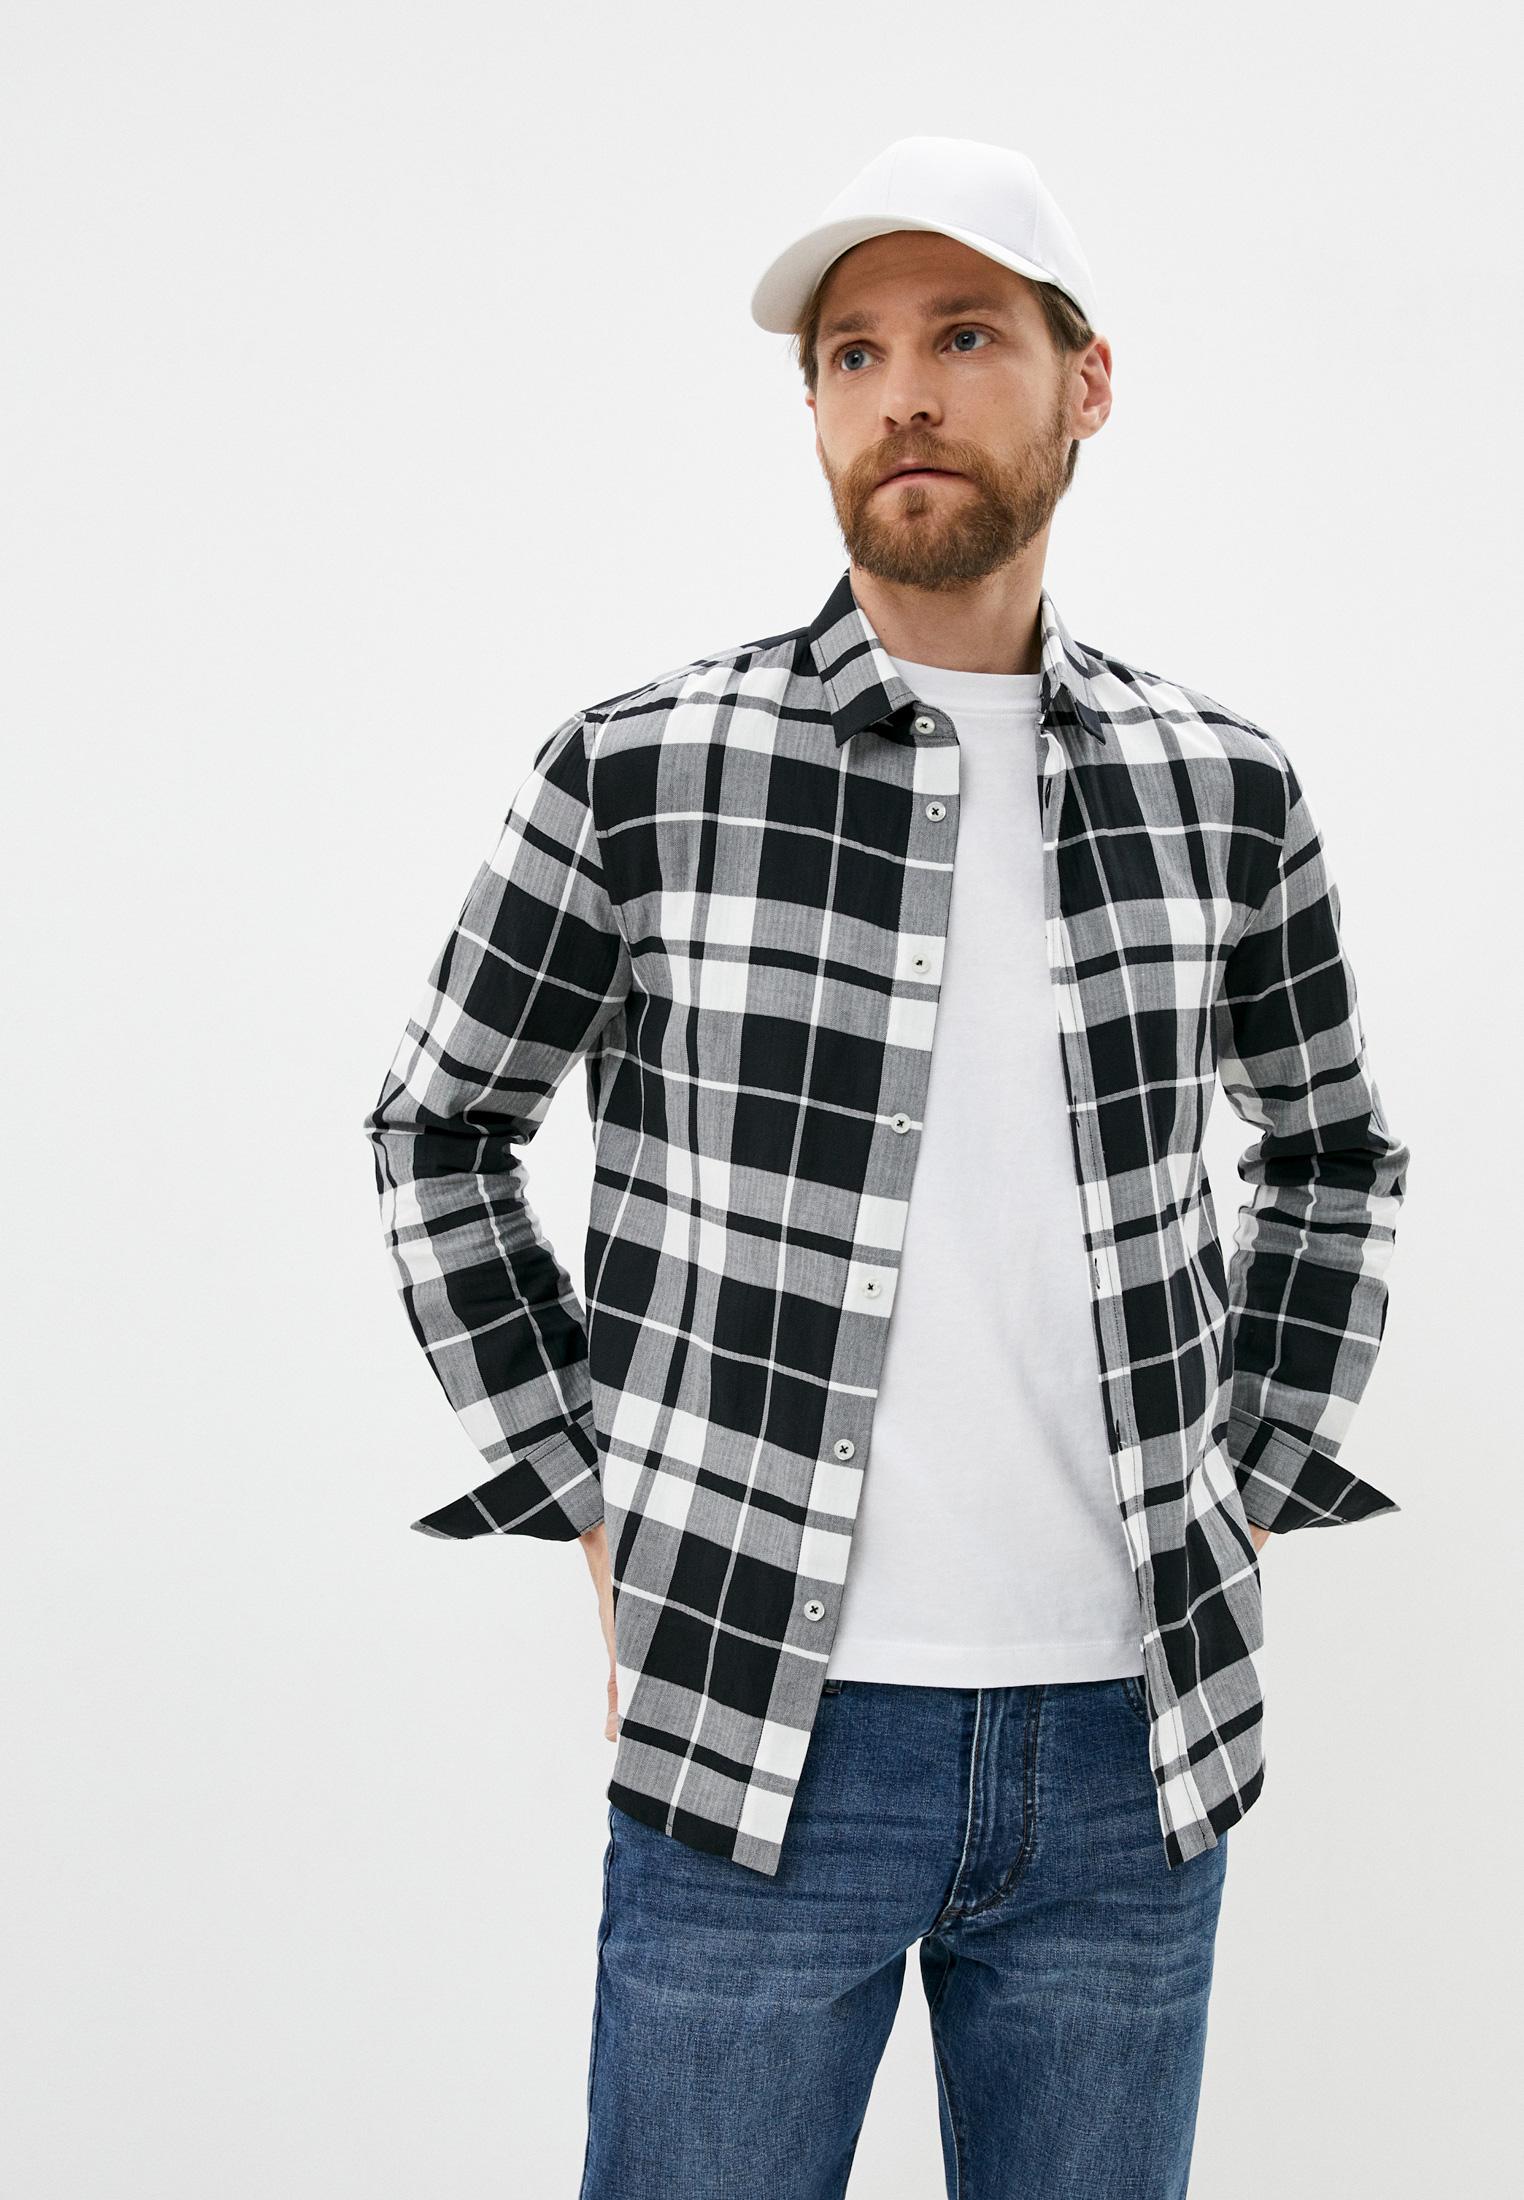 Рубашка с длинным рукавом Bikkembergs (Биккембергс) C C 009 04 S 3348: изображение 1